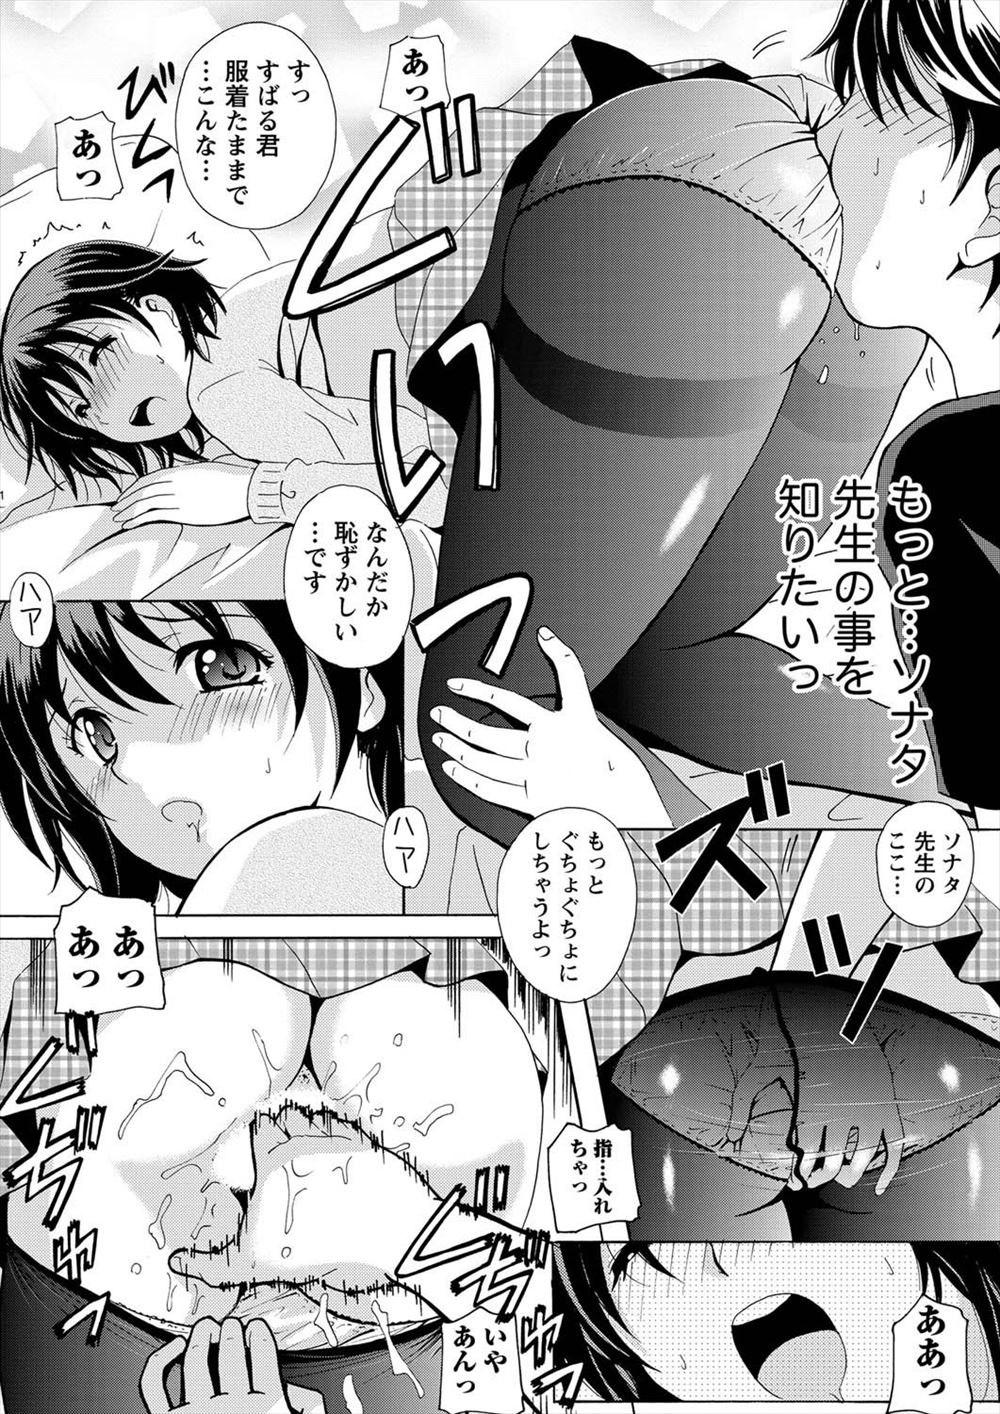 【エロ同人・エロ漫画】女性エロ漫画家のアシスタントとしたらエッチなことをしたらもっといい漫画を描くためにセックスすることになったwww 018